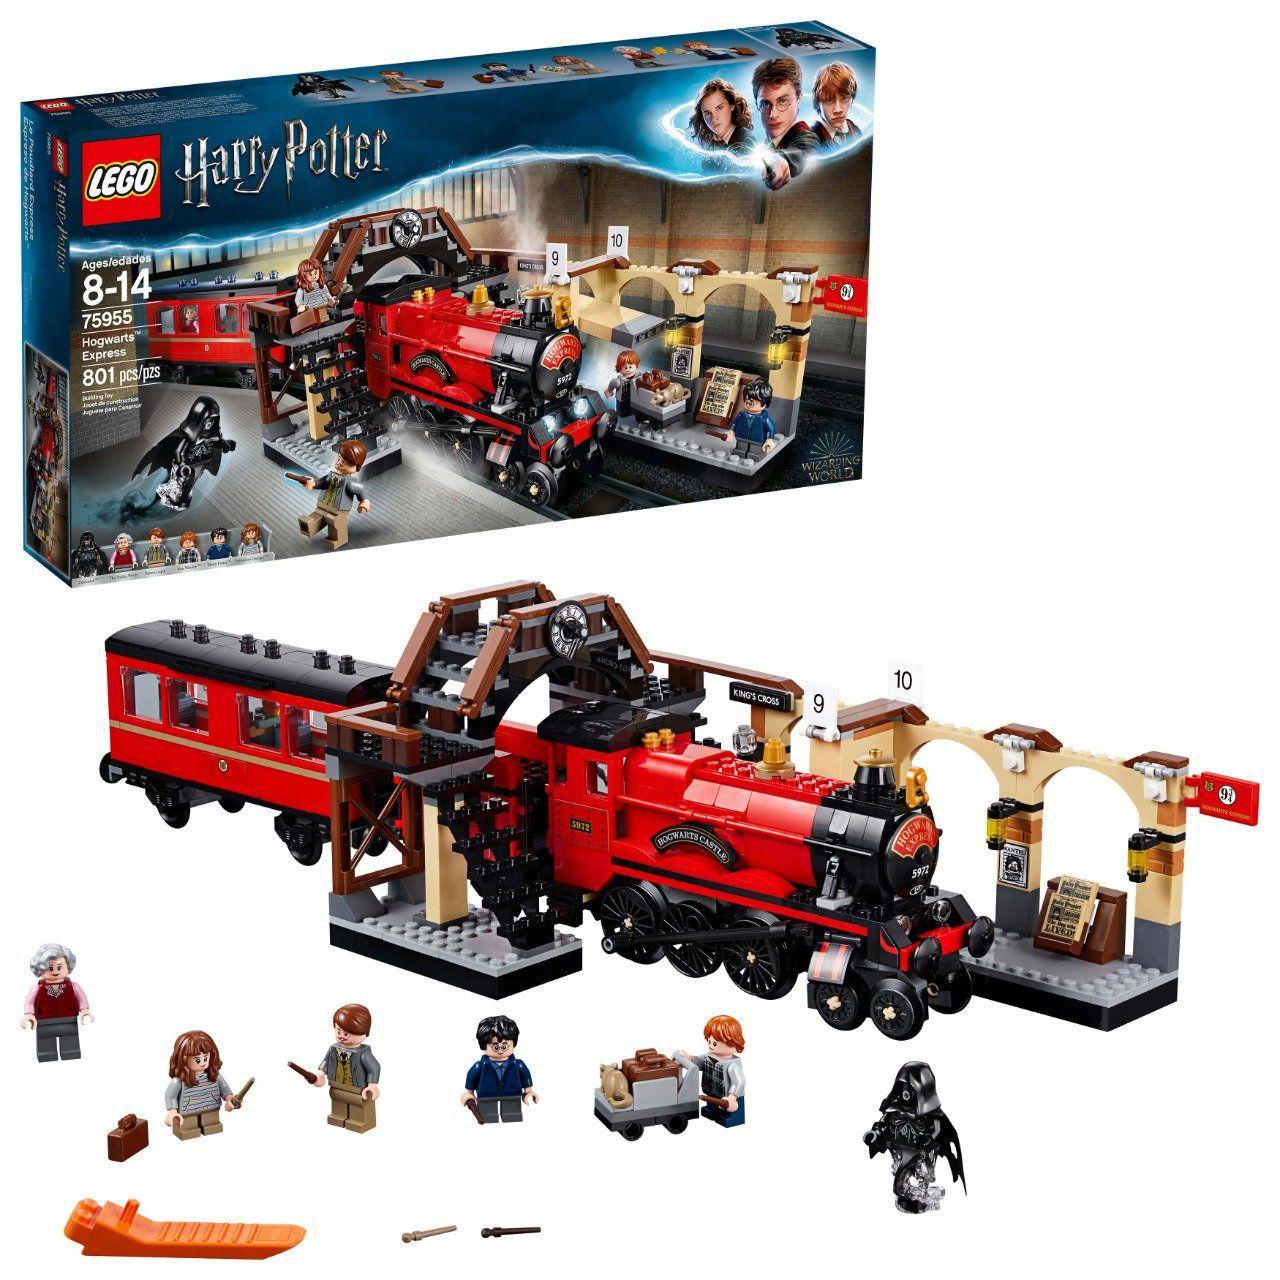 LEGO O Expresso de Hogwarts: Harry Potter (75955) - (801 peças) (Apenas Venda Online)